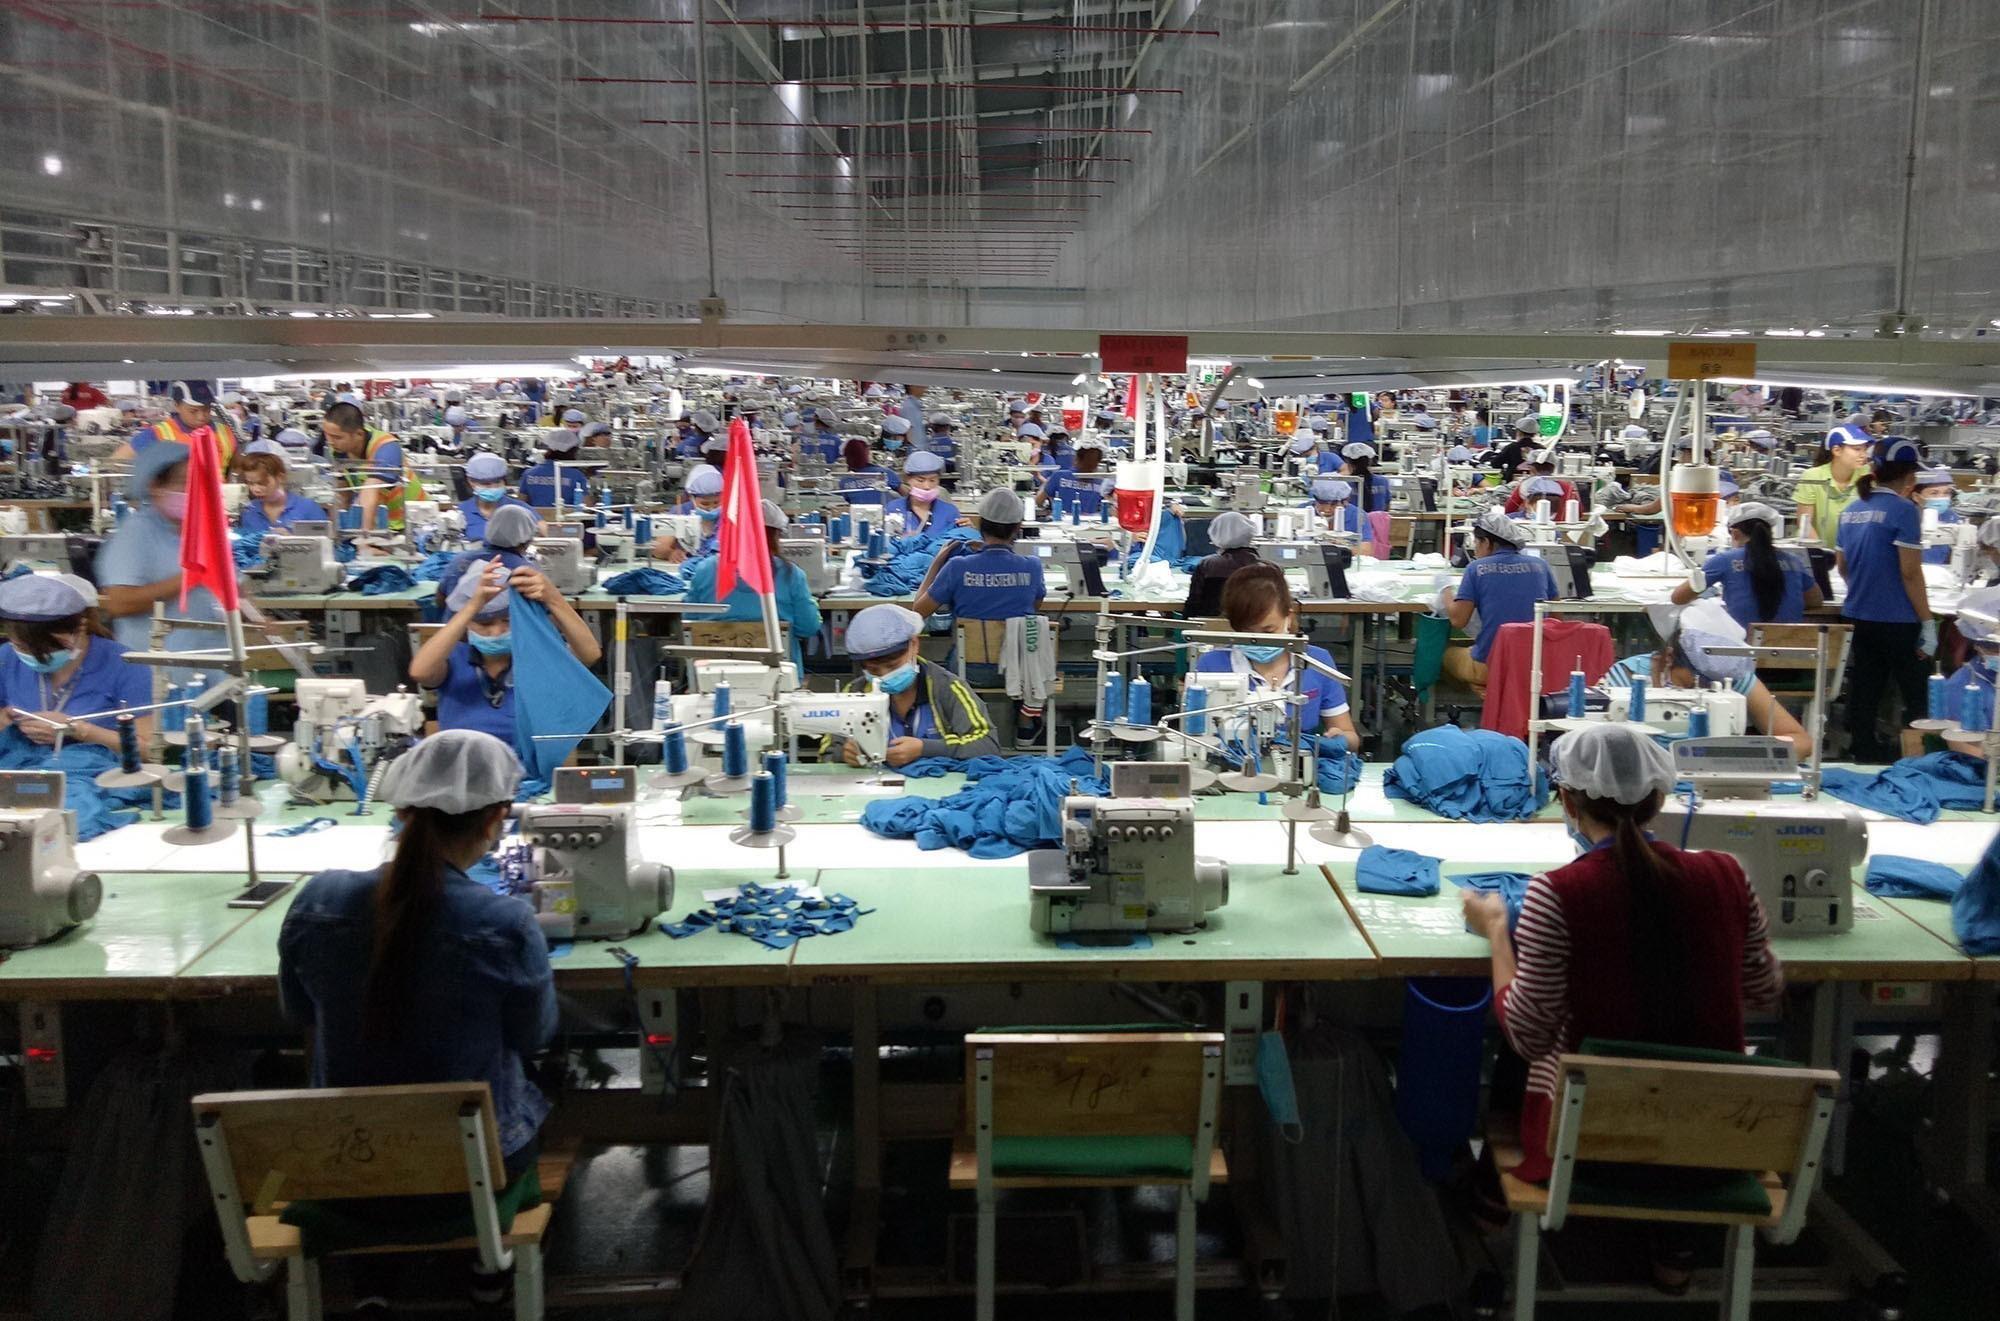 May hàng xuất khẩu tại một doanh nghiệp vốn đầu tư nước ngoài ở Bình Phước. (Ảnh: Dương Chí Tưởng/TTXVN)